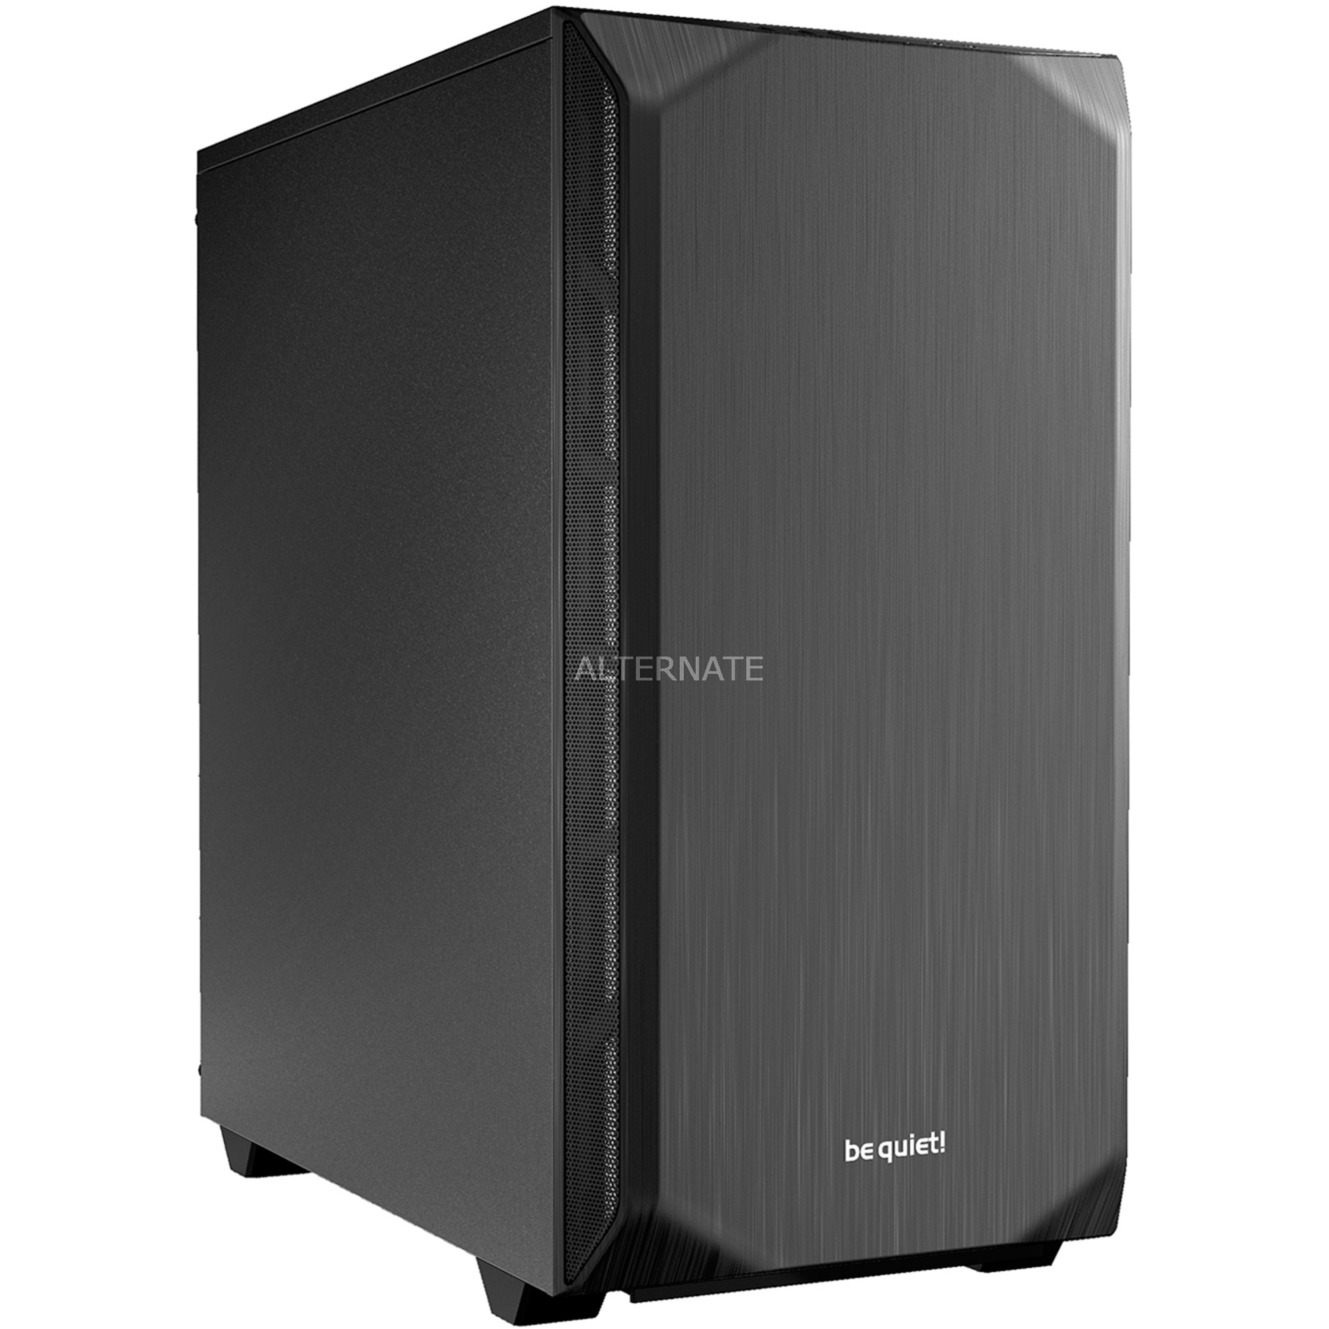 BG034 carcasa de ordenador Torre Negro, Cajas de torre